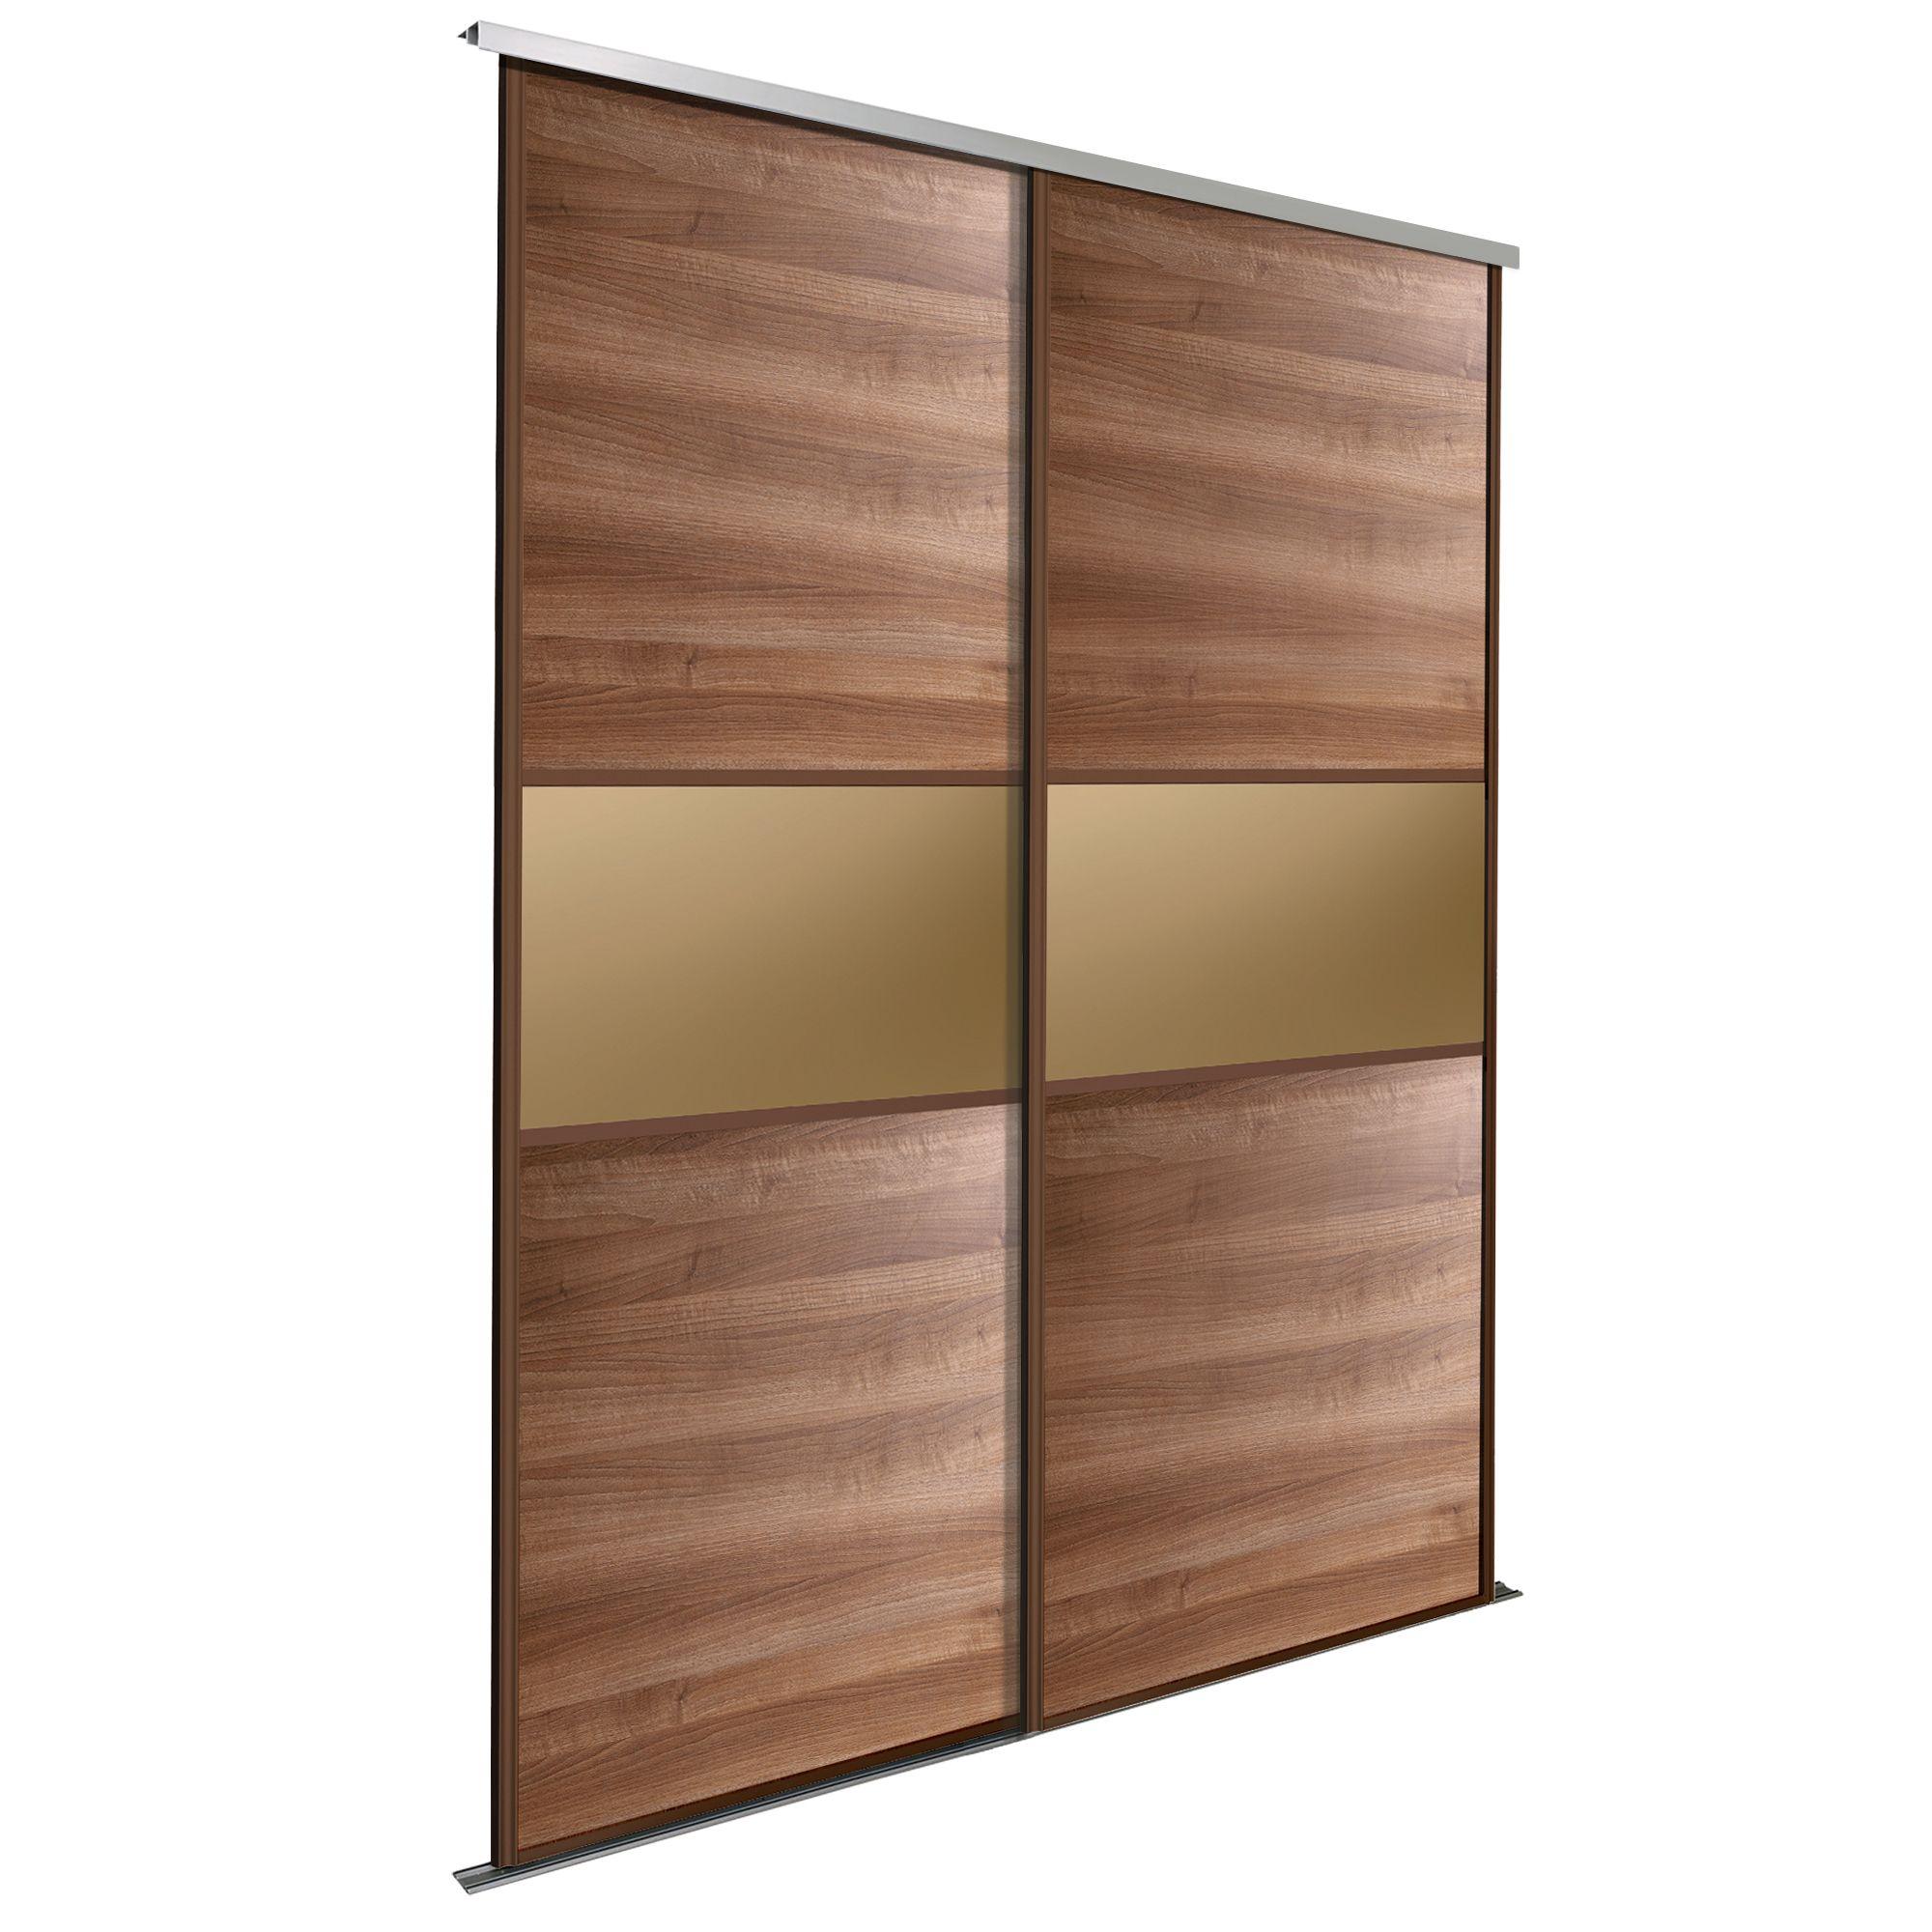 Fineline Bronze Walnut Effect Sliding Wardrobe Door Kit (h)2200 Mm (w)914 Mm, Pack Of 2